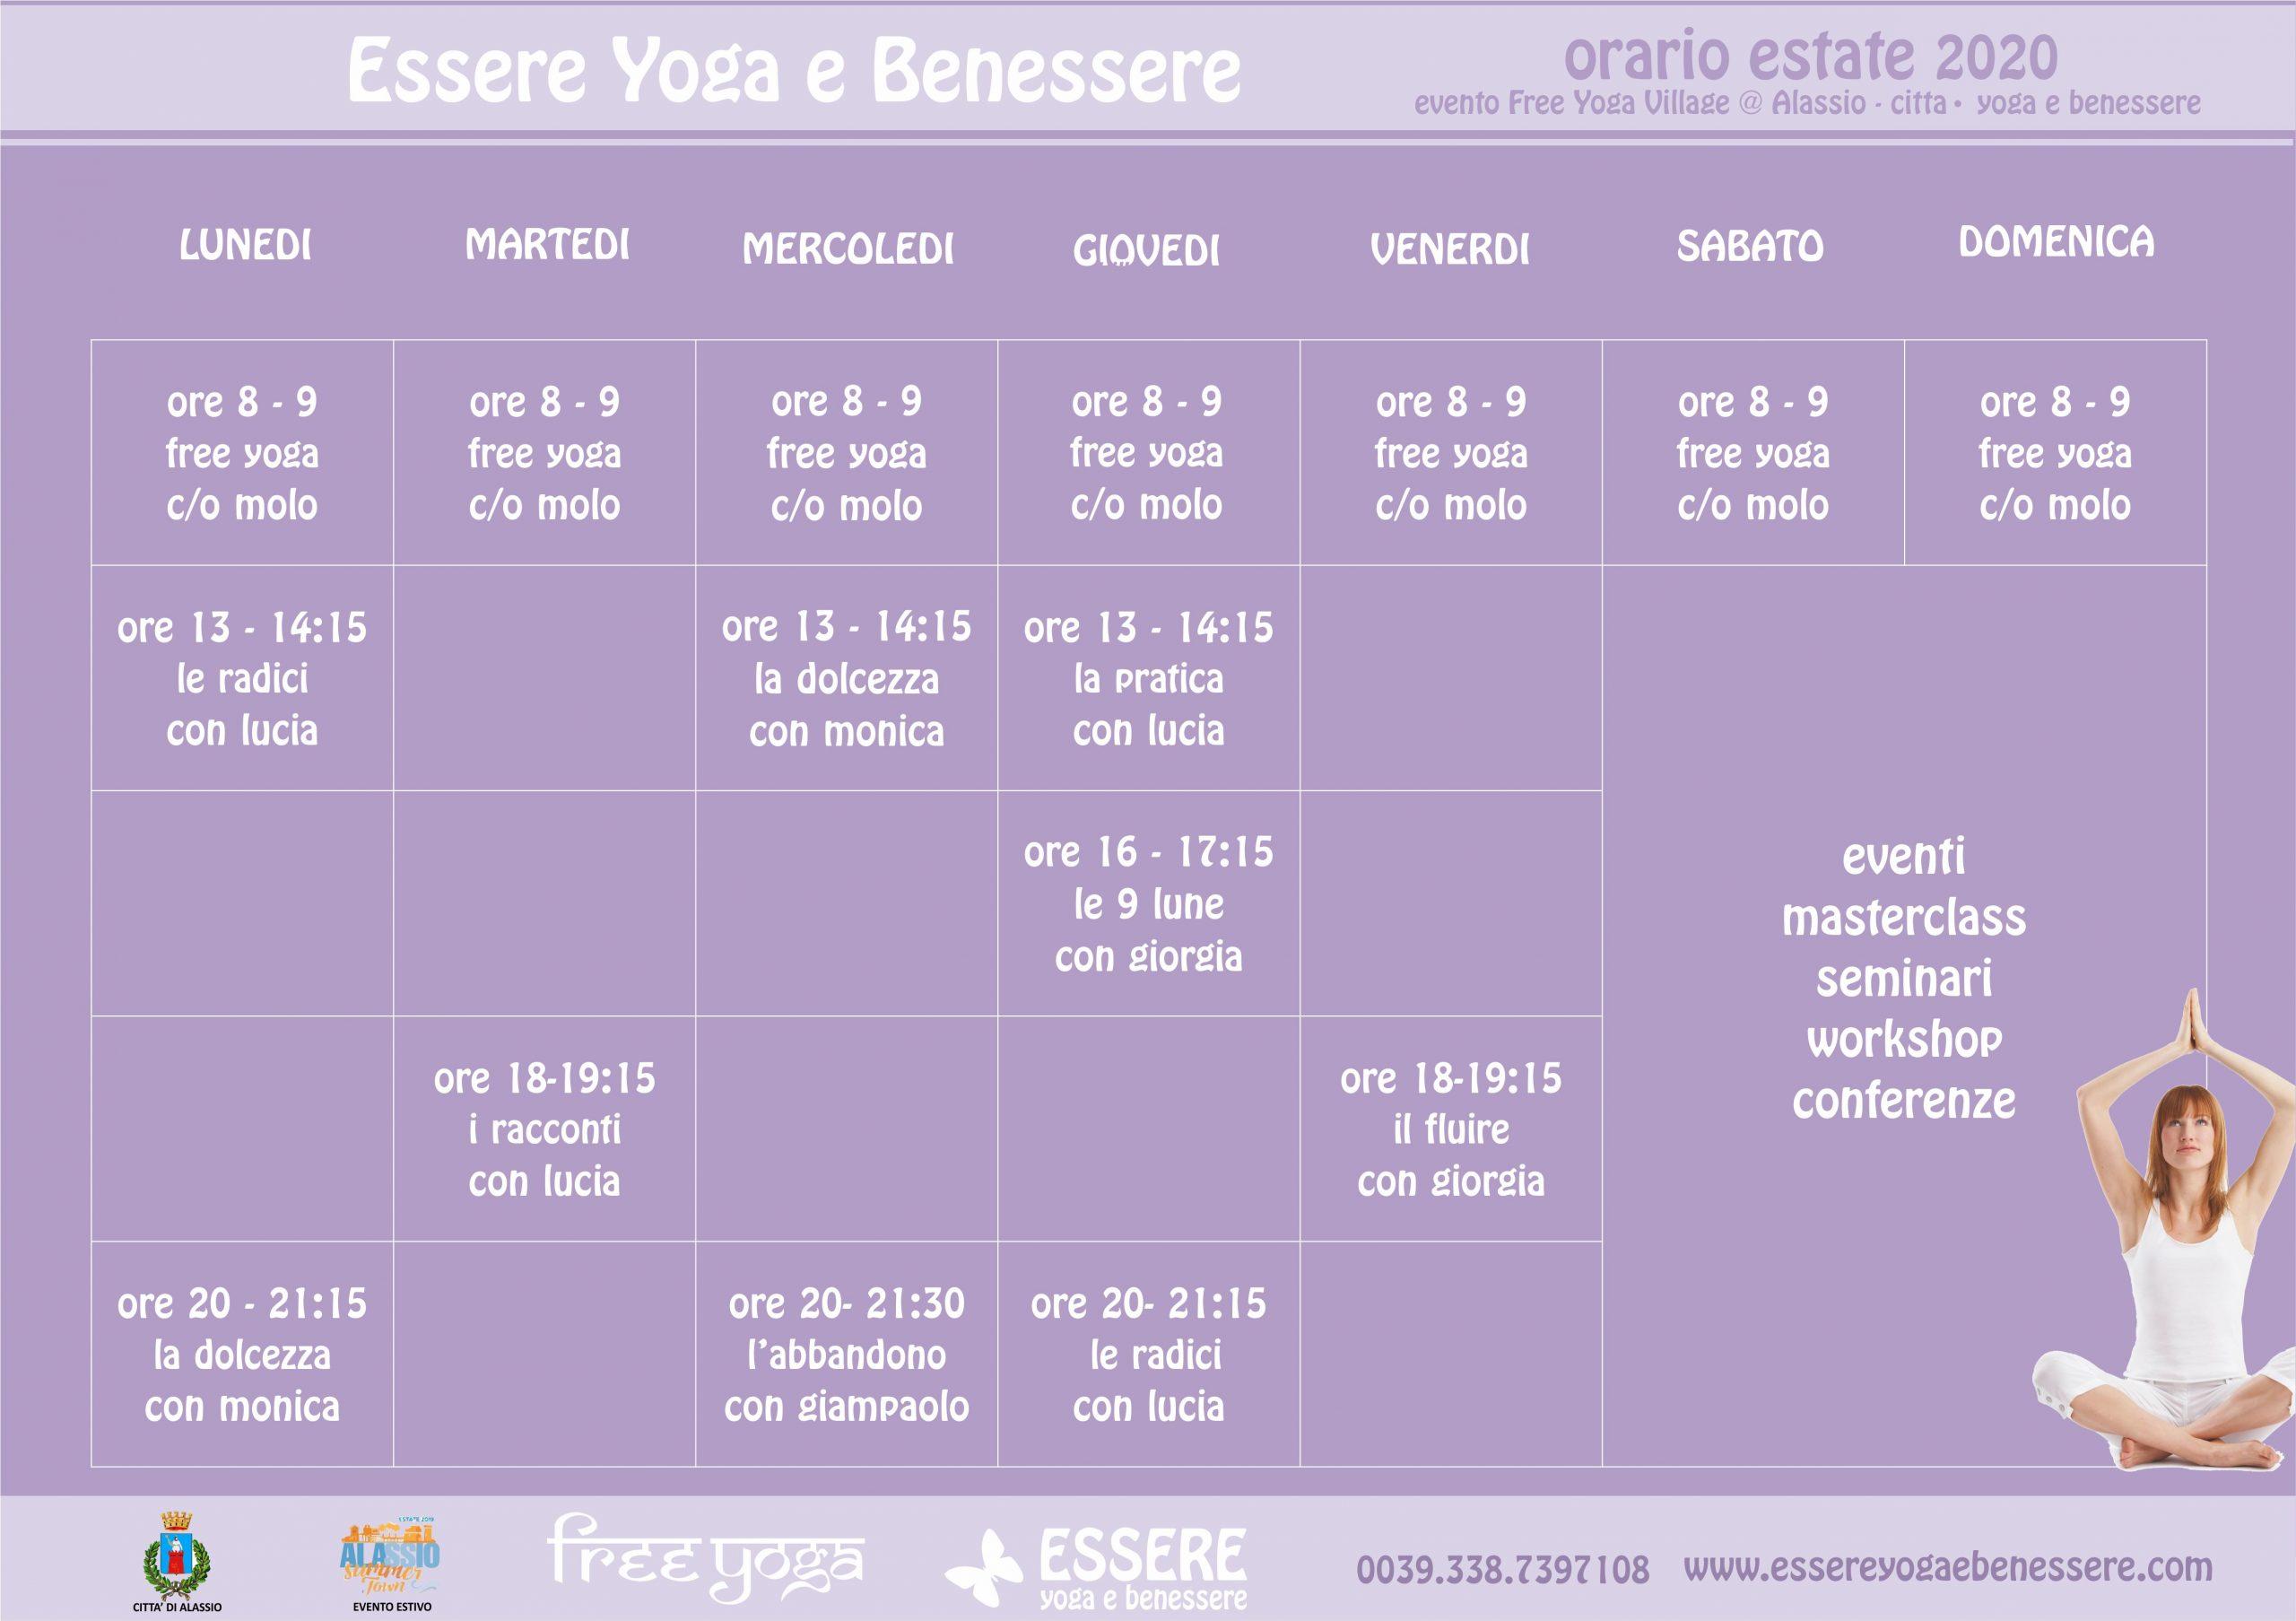 yoga-home-lezioni-live-online-a-casa-orario-estate-lucia-ragazzi-essere-benessere-free-gratuito